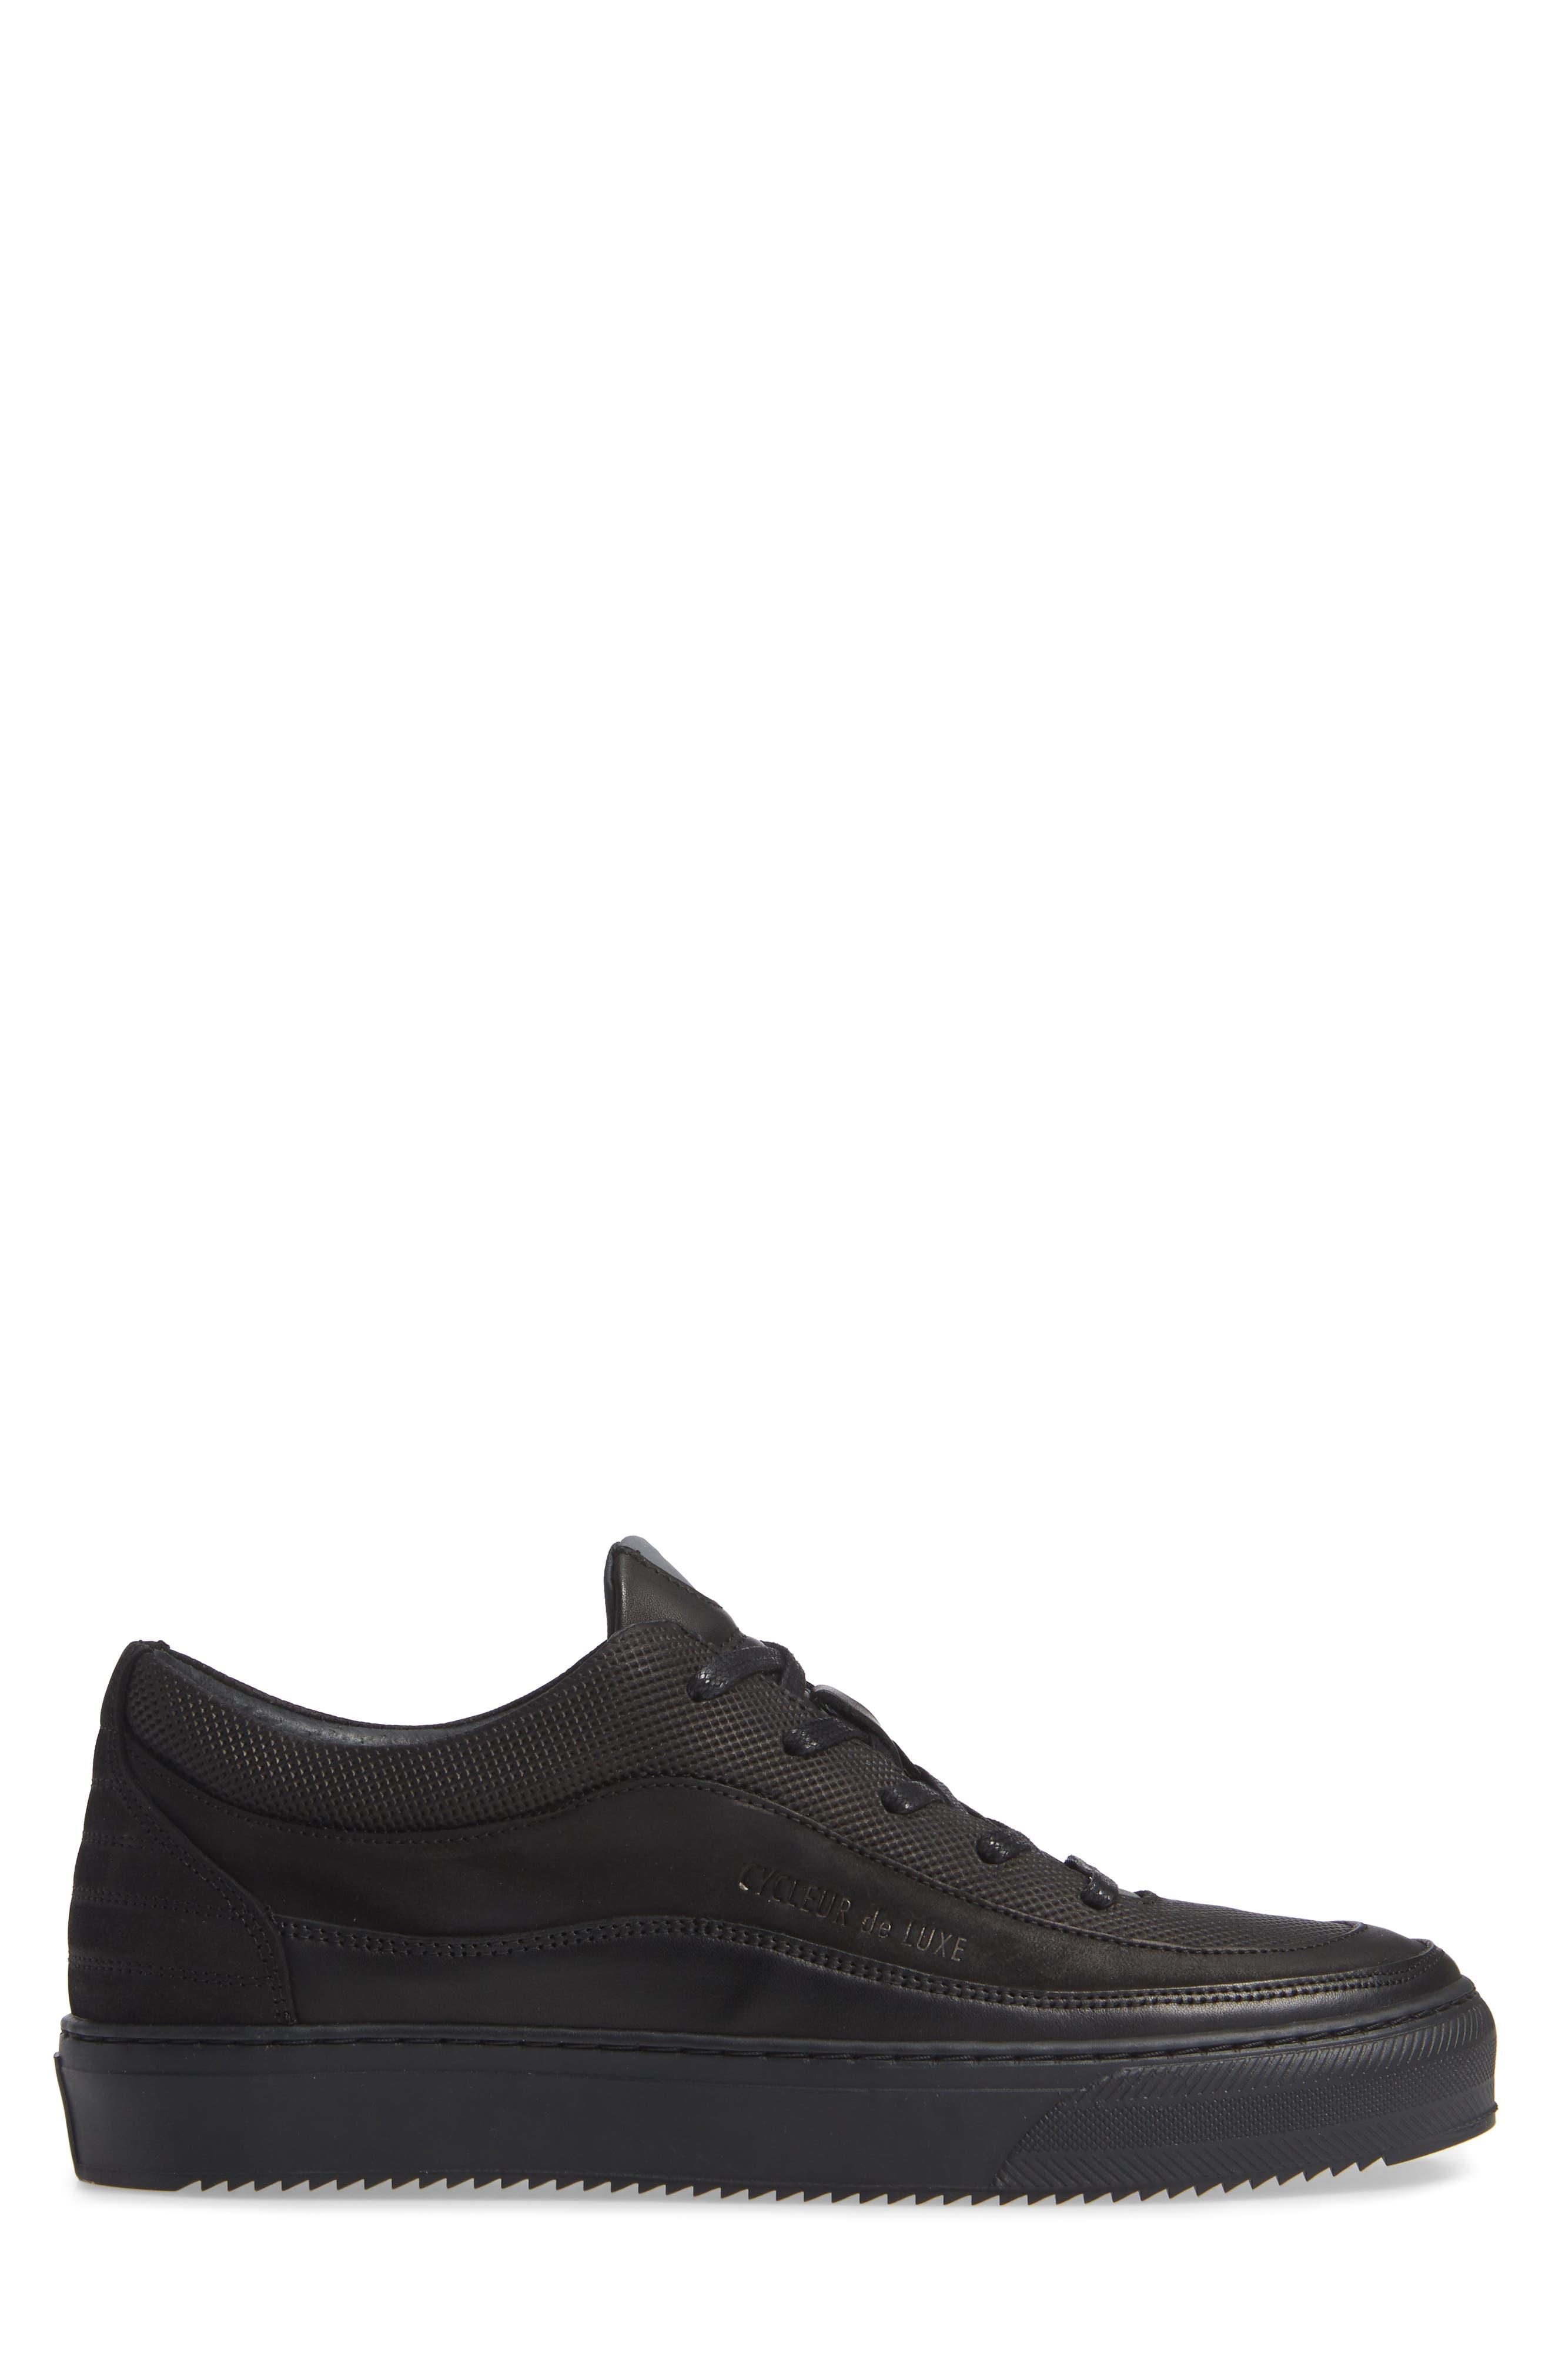 Bullet Sneaker,                             Alternate thumbnail 3, color,                             BLACK